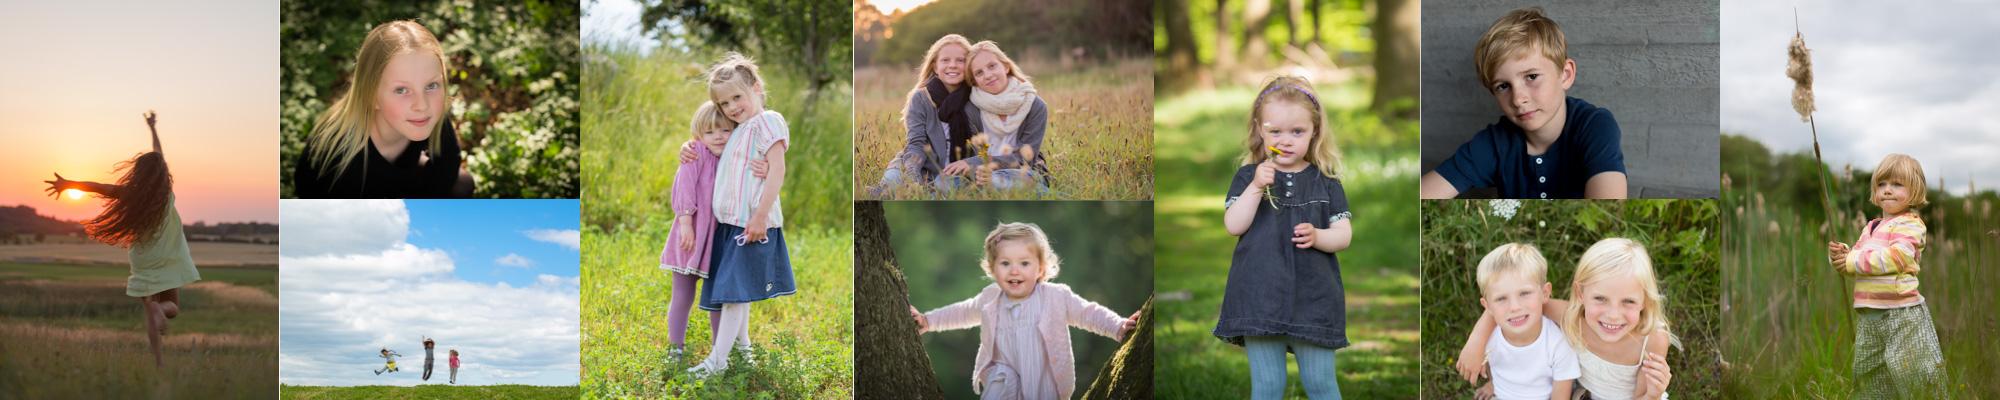 fotograf næstved børn heidi normann